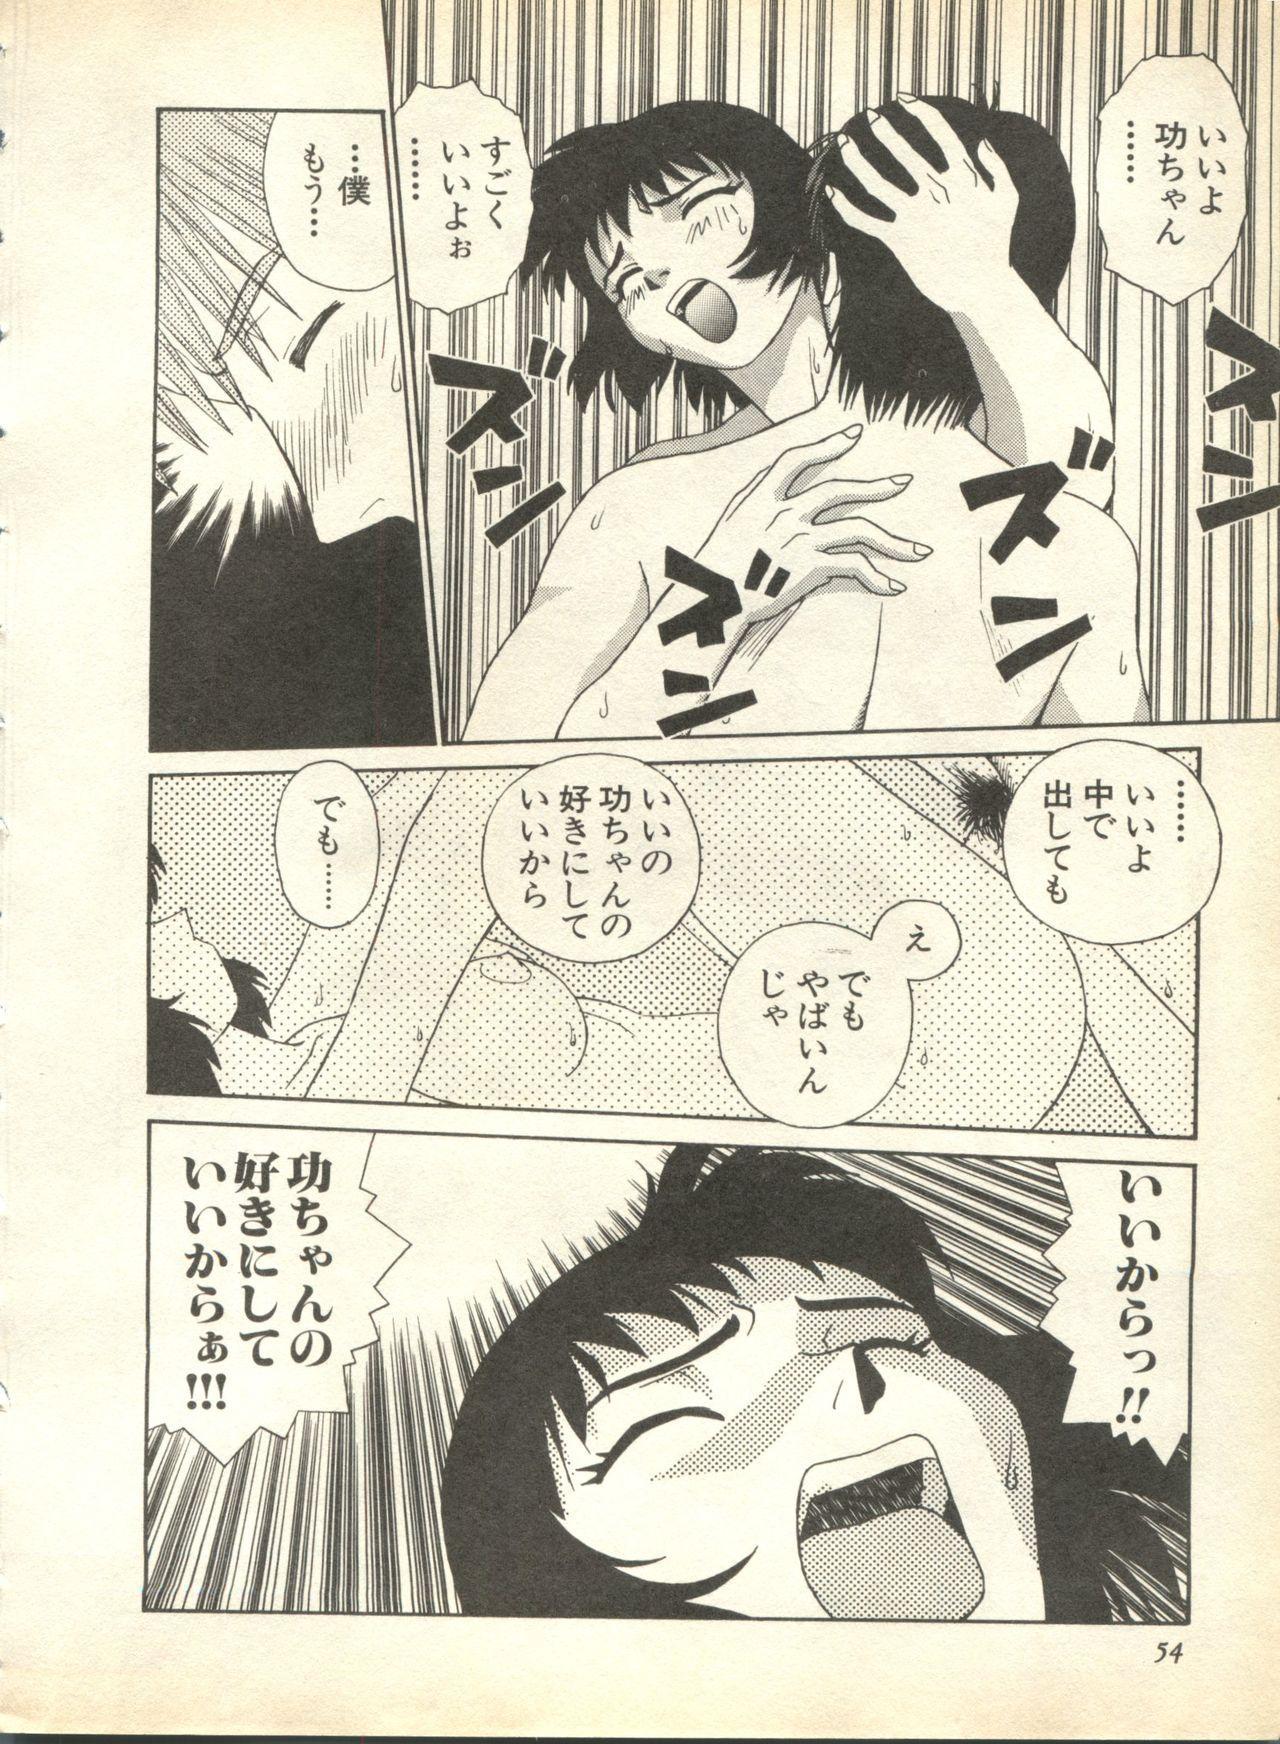 Pai;kuu 1998 October Vol. 13 53